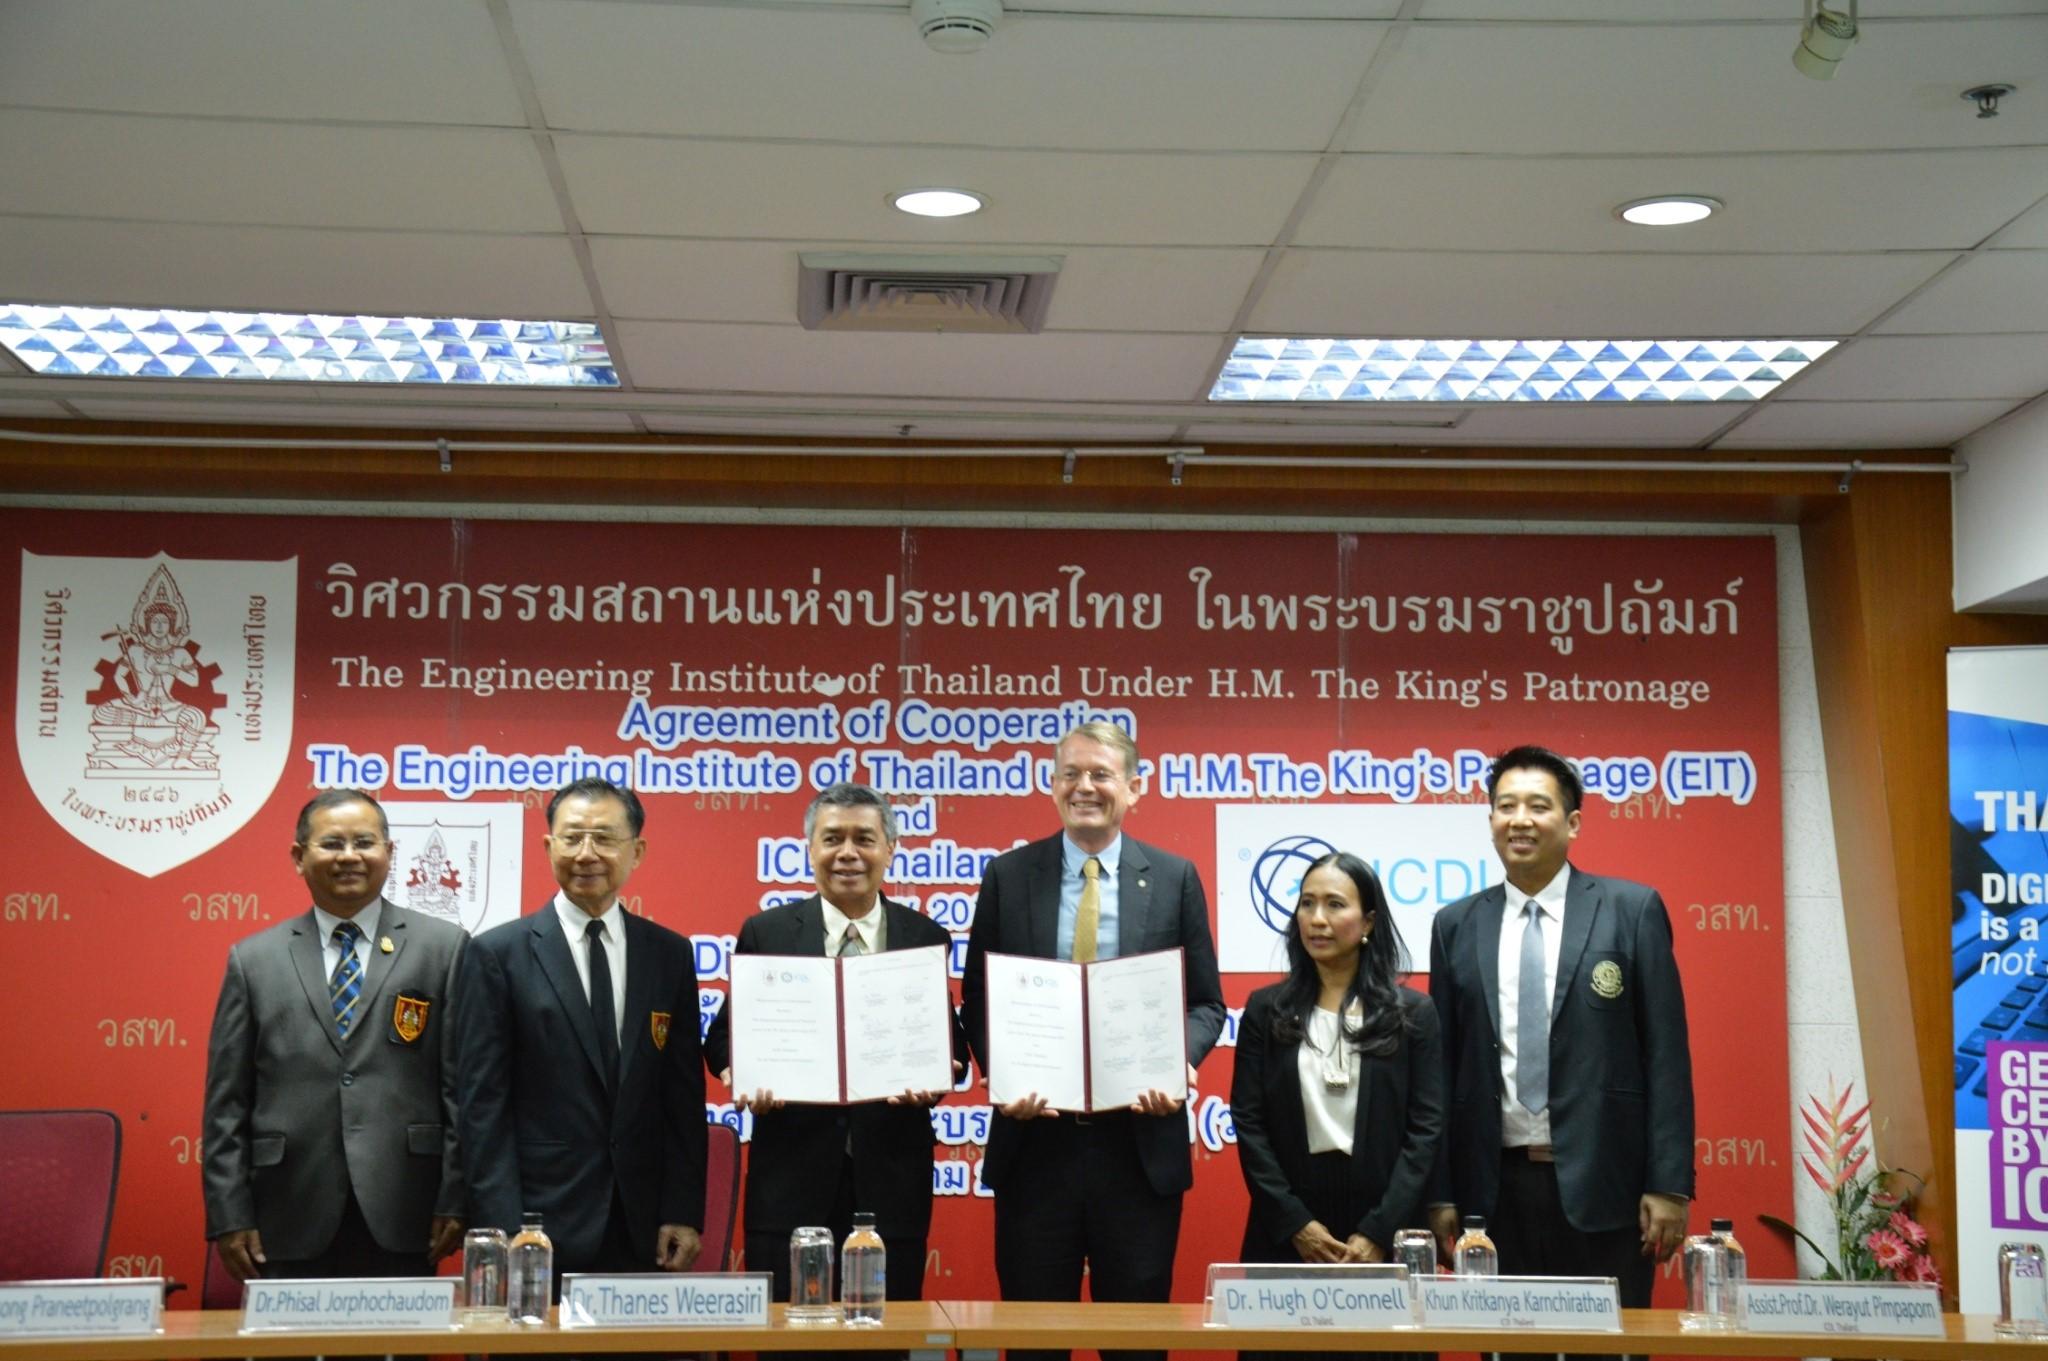 พิธีลงนามบันทึกข้อตกลงความร่วมมือทางวิชาการด้านดิจิทัล ระหว่างวิศวกรรมสถานแห่งประเทศไทย ในพระบรมราชูปถัมภ์ (วสท.) และ ICDL Thailand